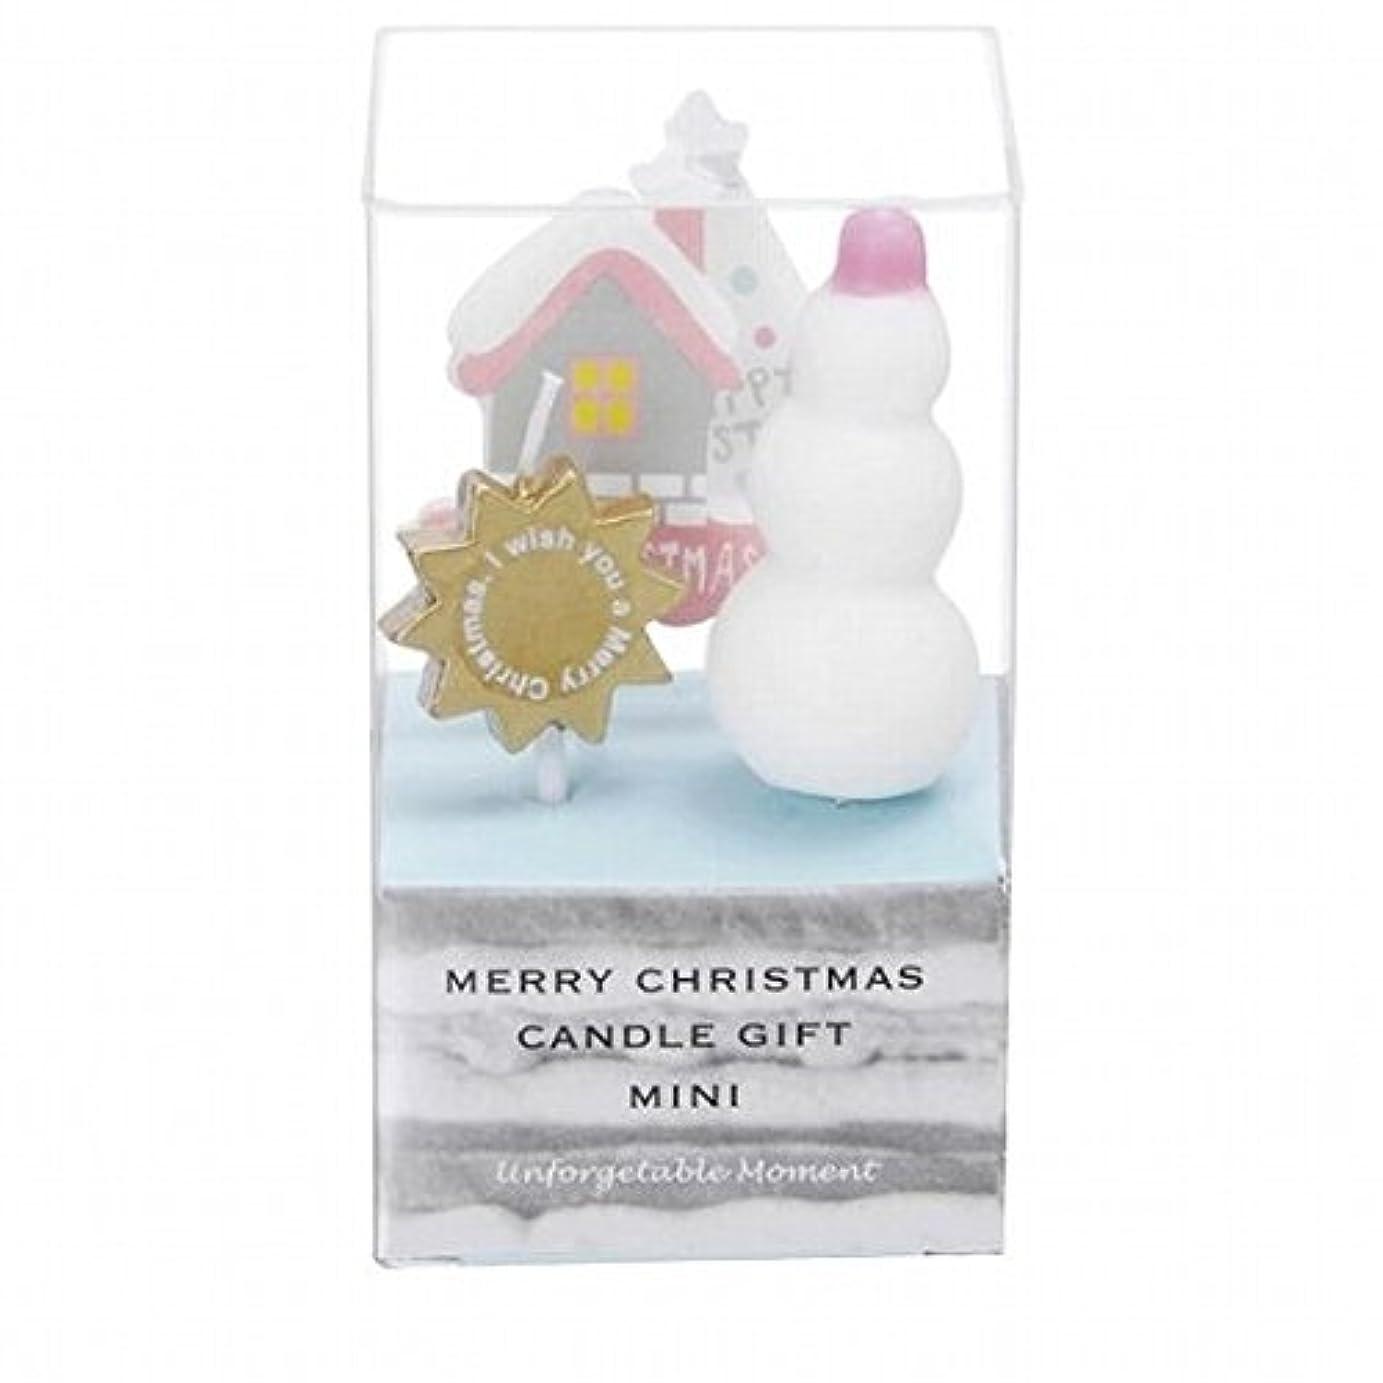 ラショナル分岐する自治kameyama candle(カメヤマキャンドル) クリスマスキャンドルギフトミニ 「 B 」(55350050)